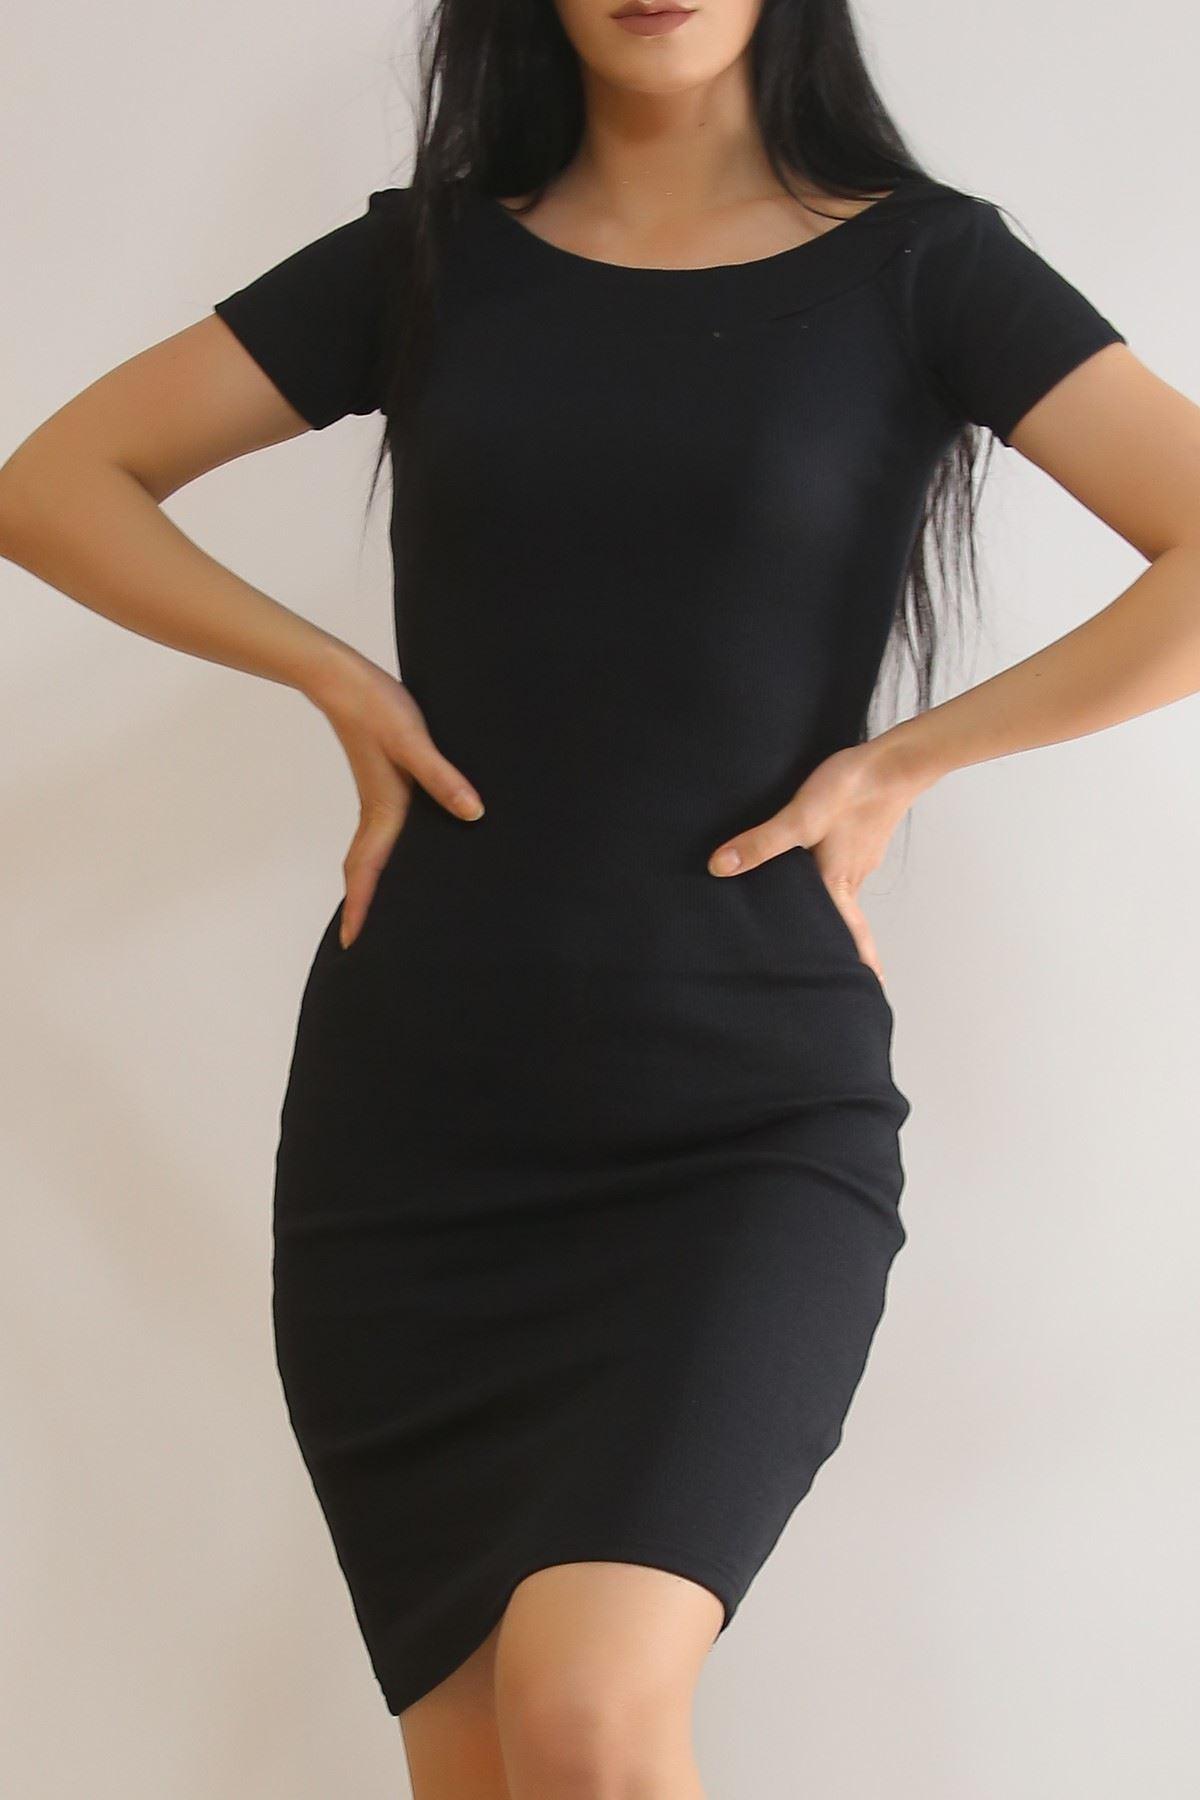 Madonna Elbise Siyah - 6401.316.